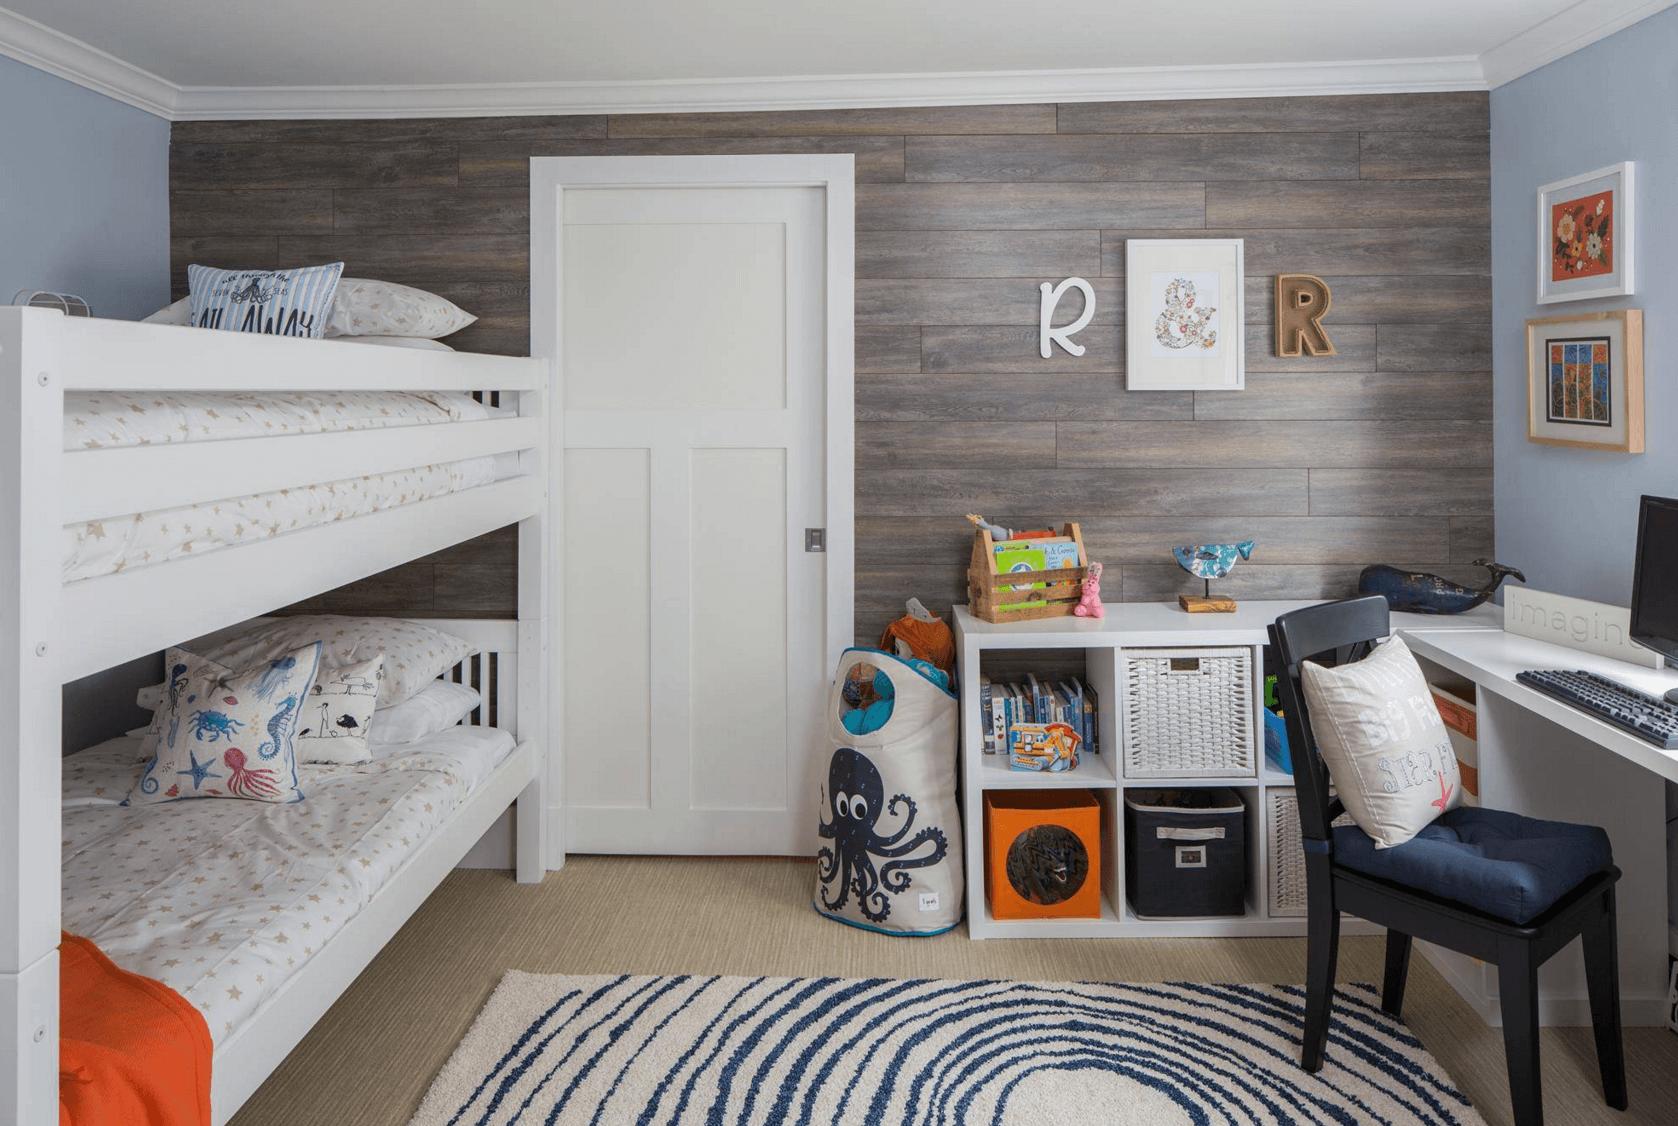 Cuarto infantil diseño moderno - habitaciones compartidas